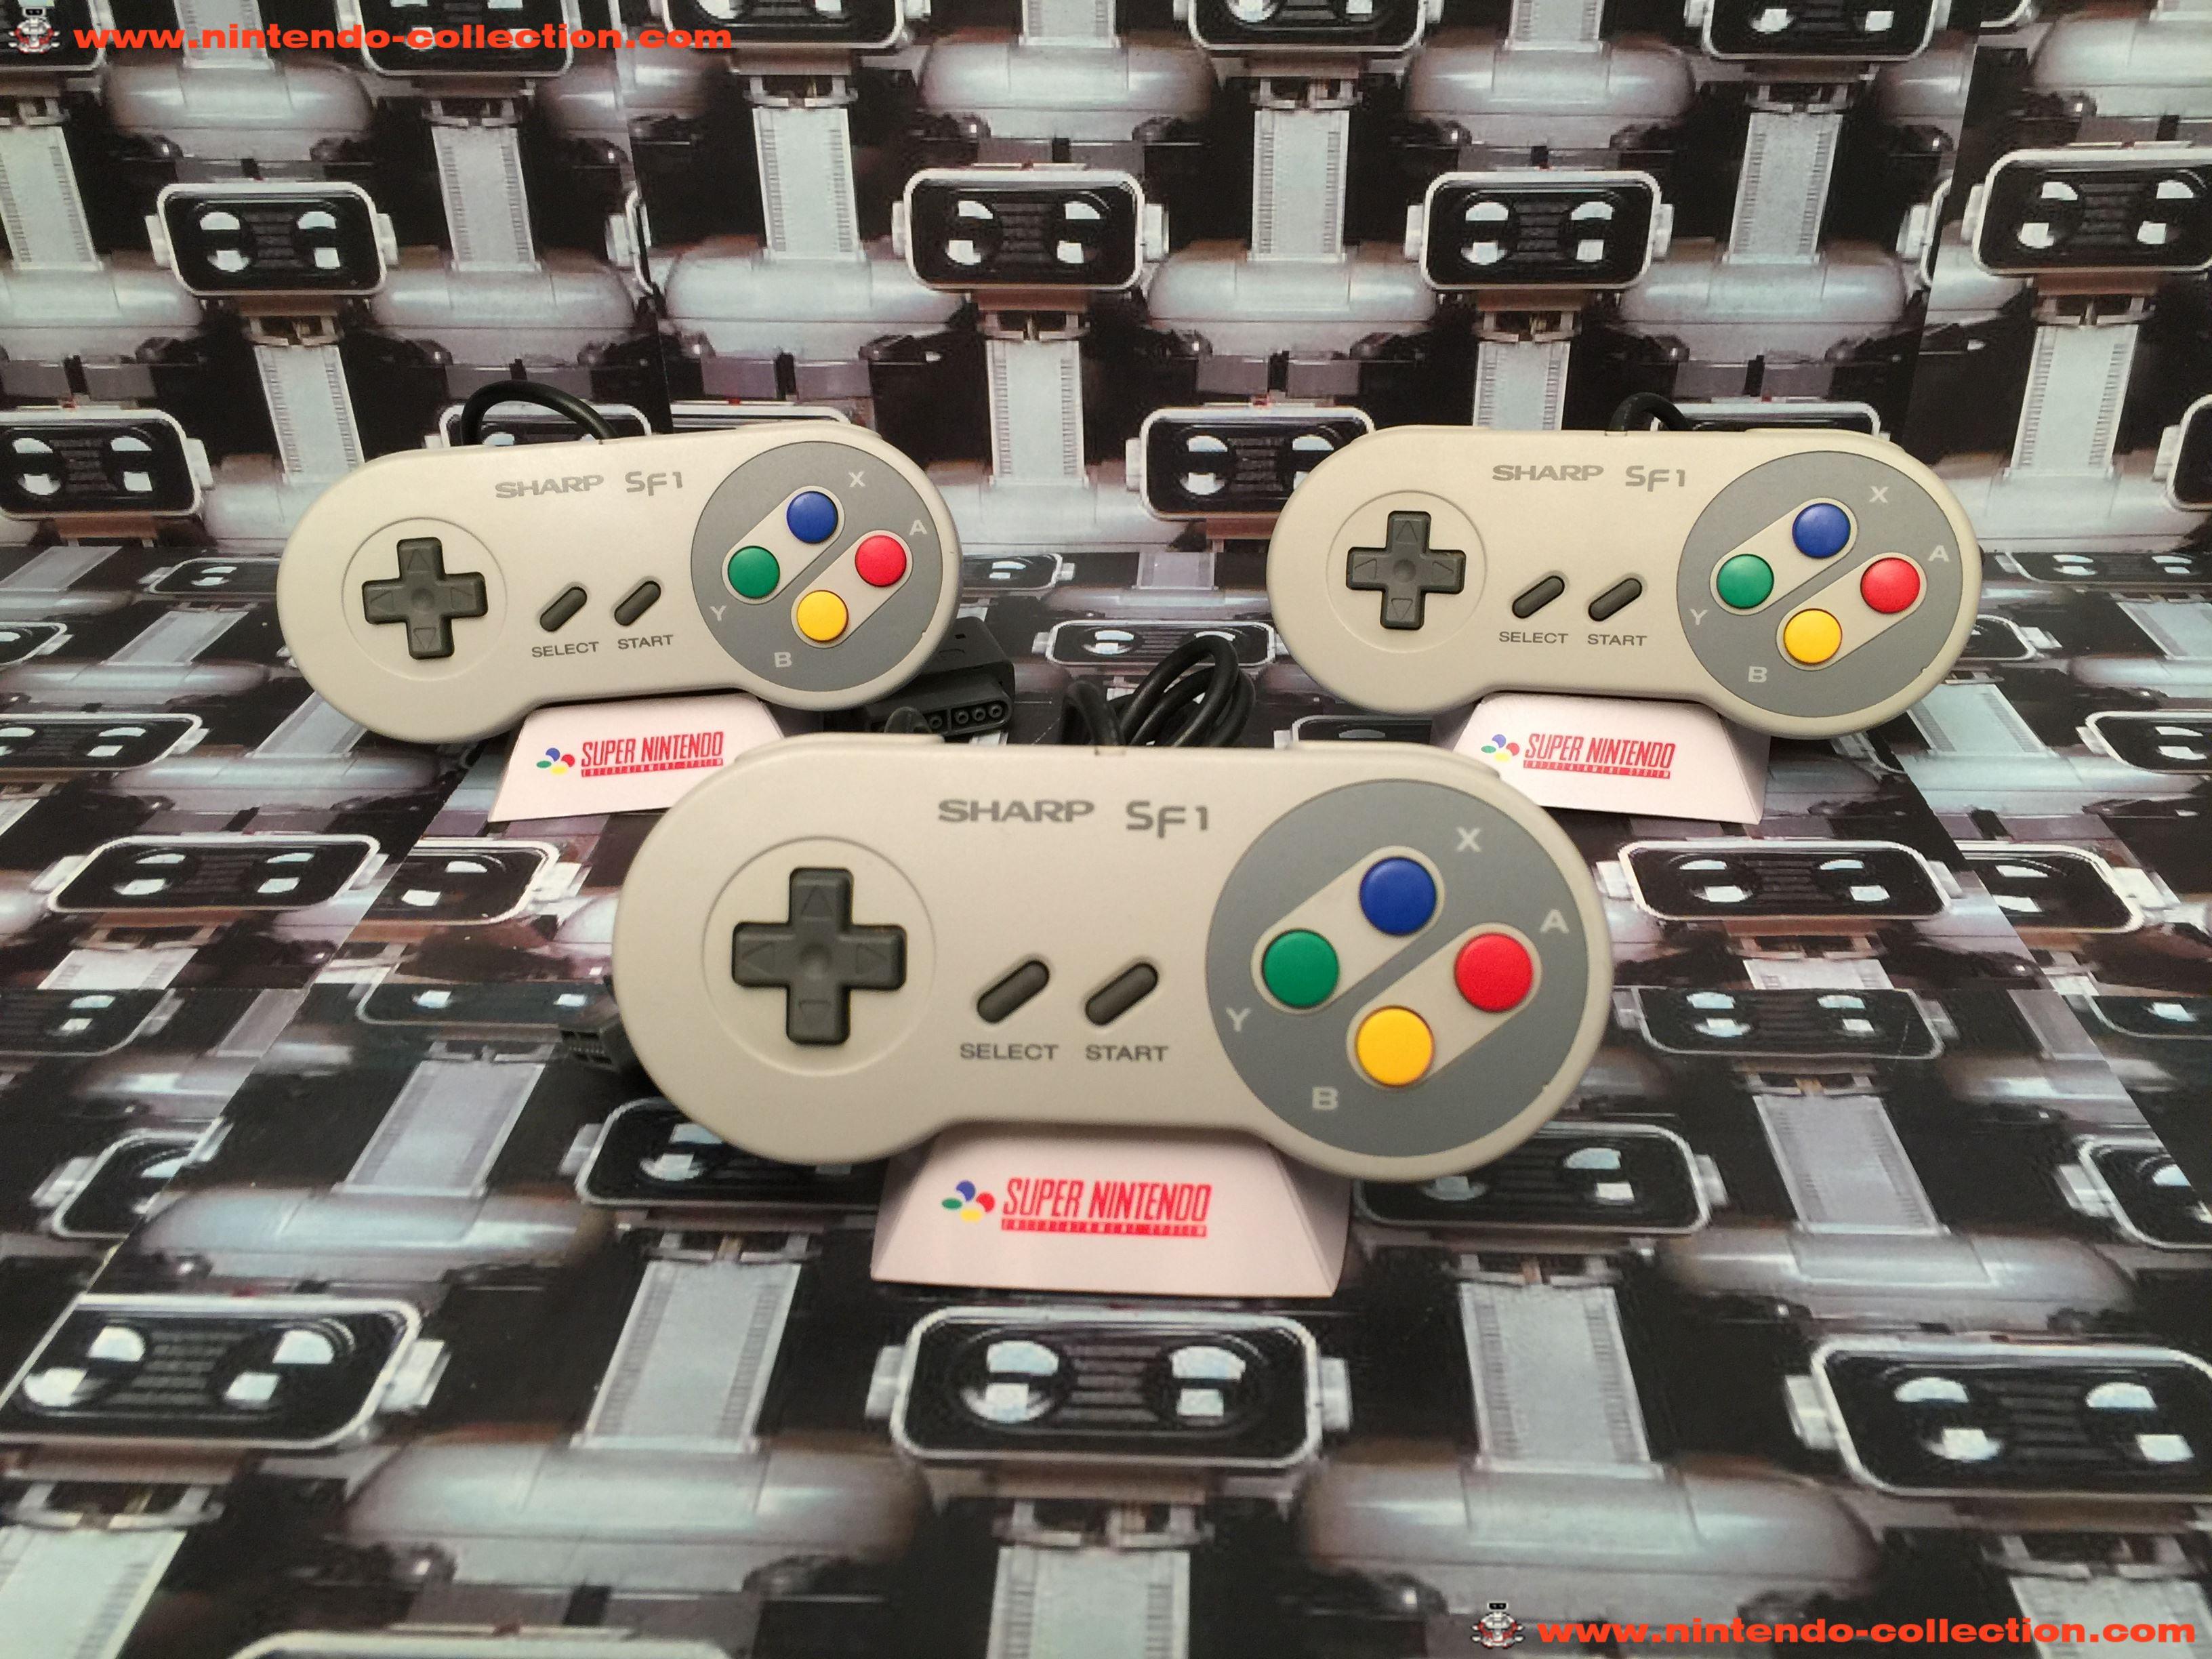 www.nintendo-collection.com - Super Nintendo SNES Super Famicom Sharp SF-1 Controller Manette - 02